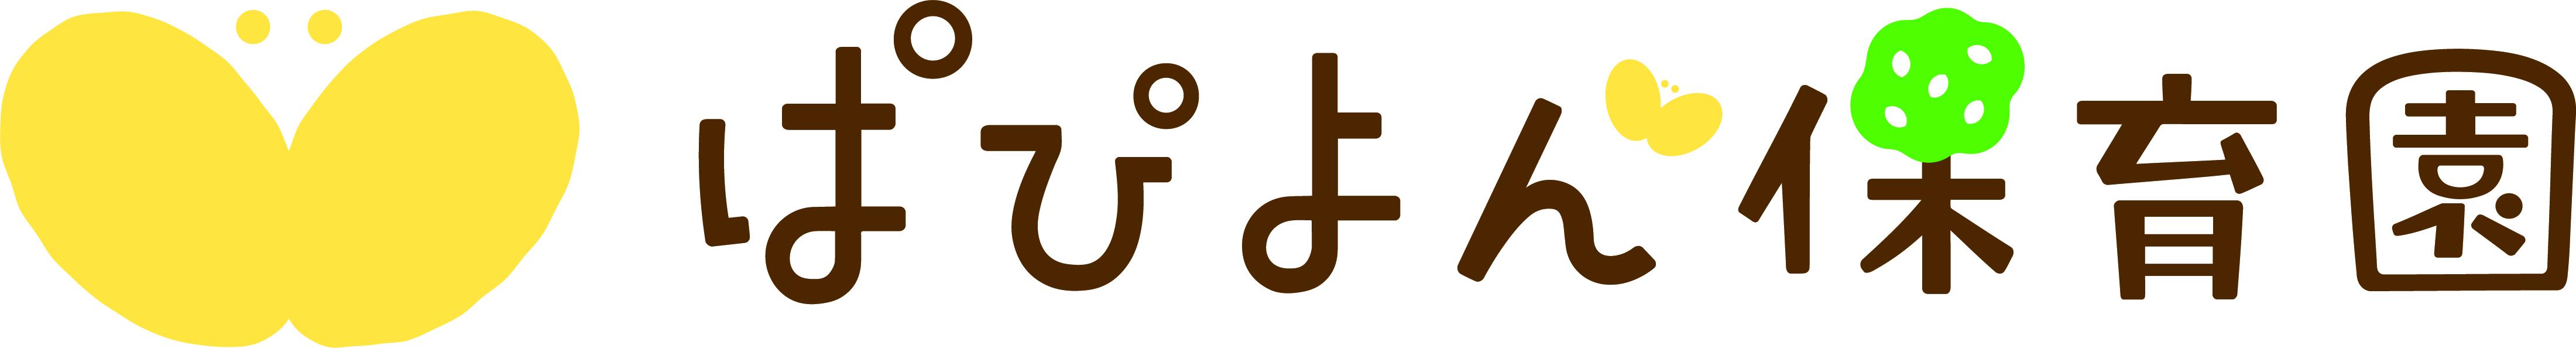 ぱぴよん保育園